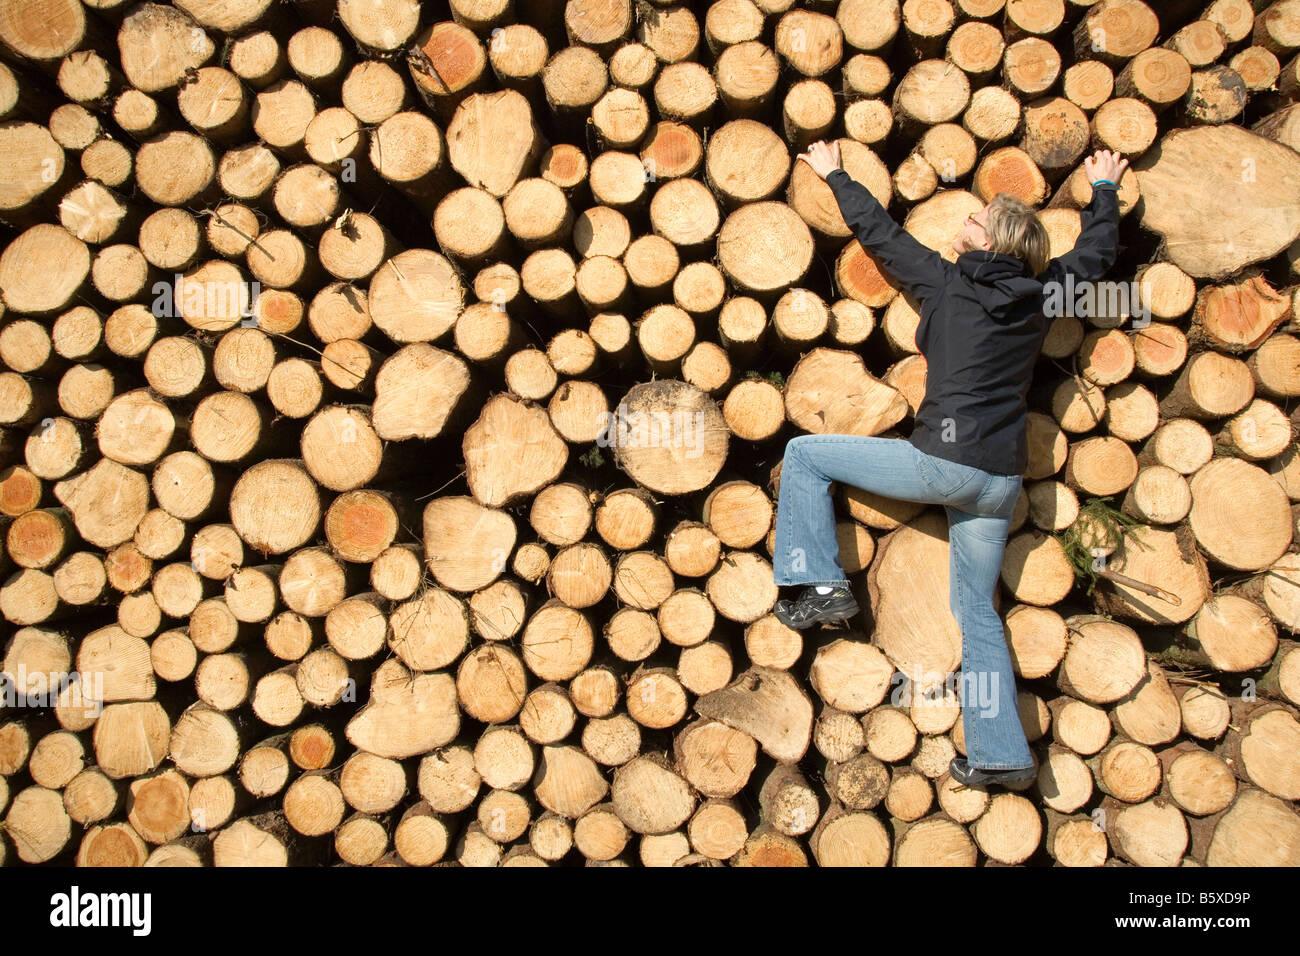 Donna salendo su una pila di registri ad albero Immagini Stock